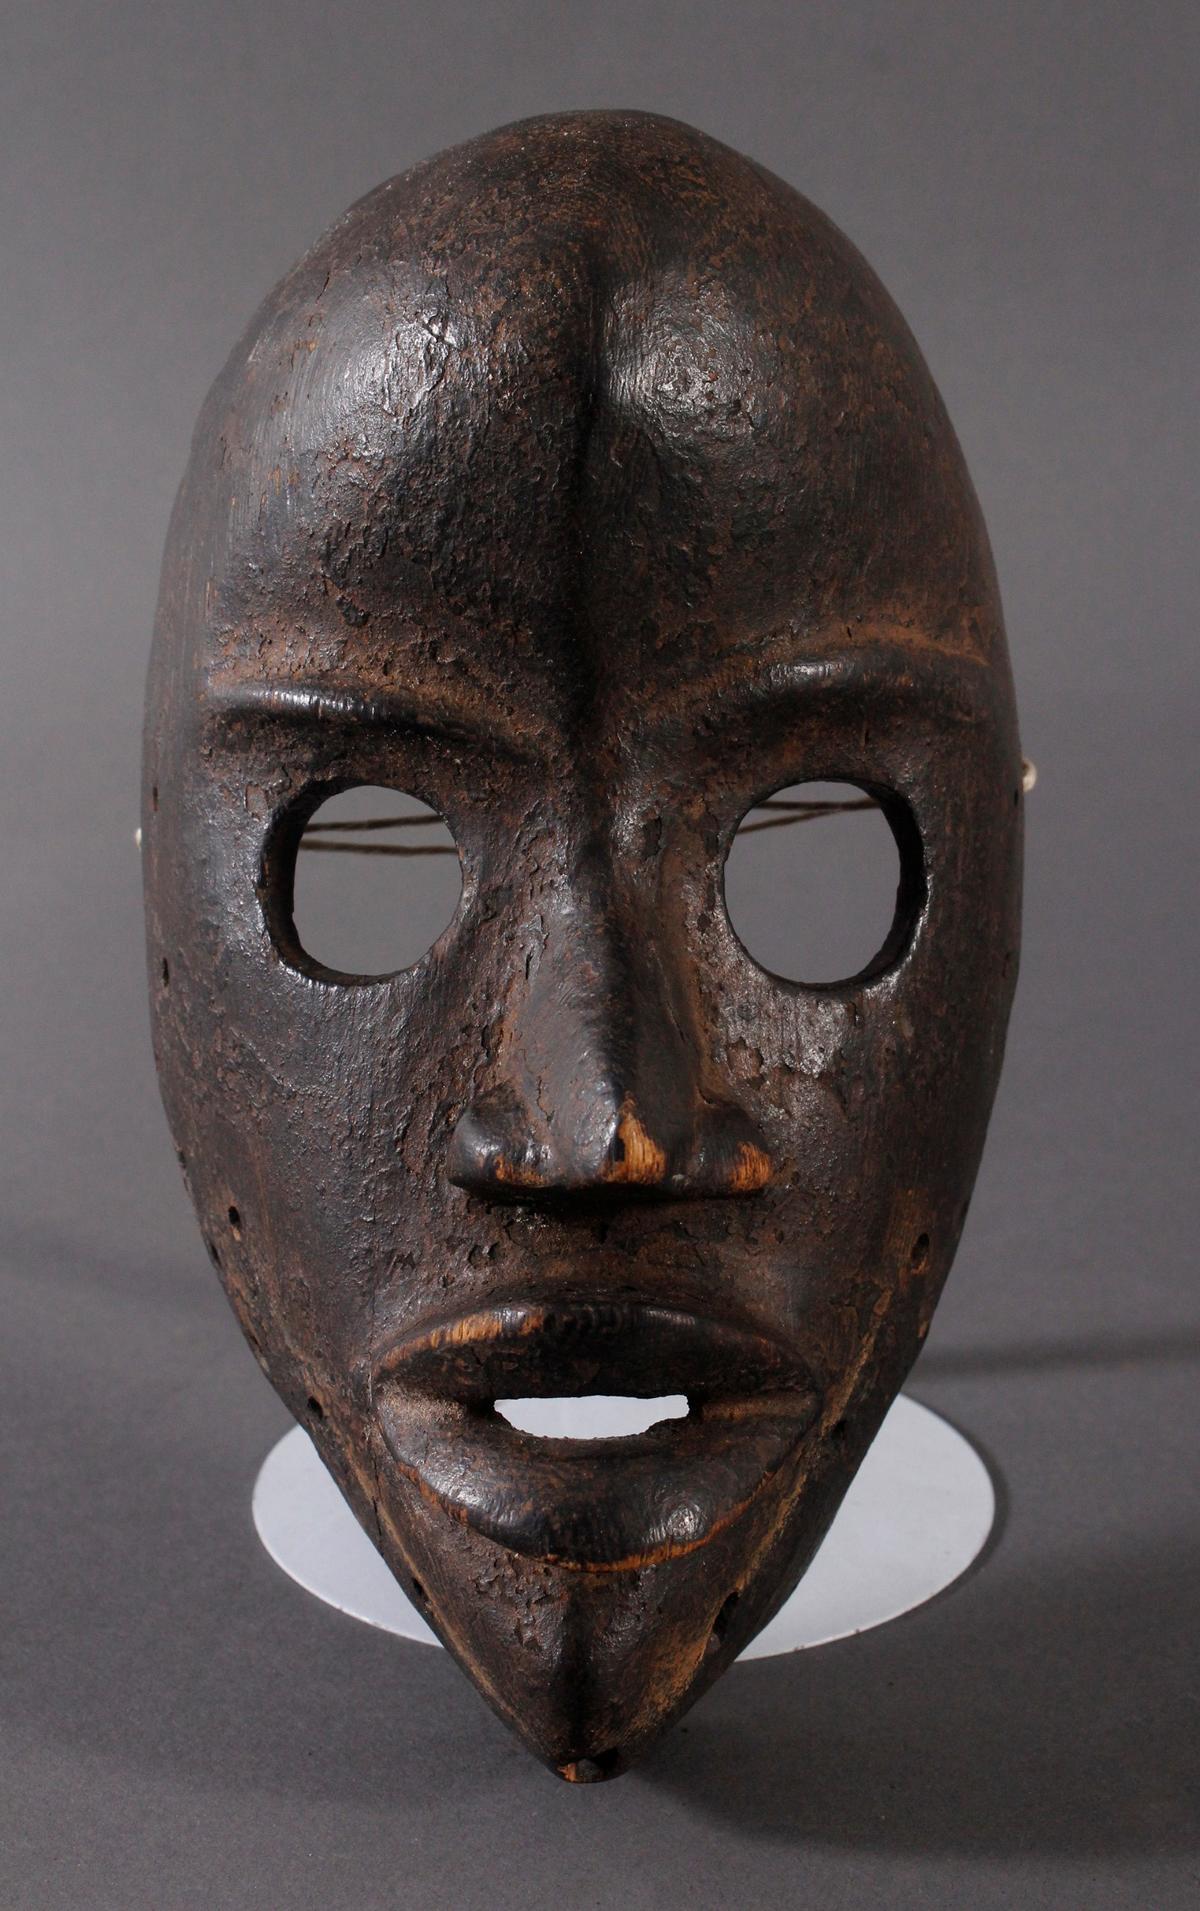 Antike Maske, Dan, Liberia. 'Feuermelder'